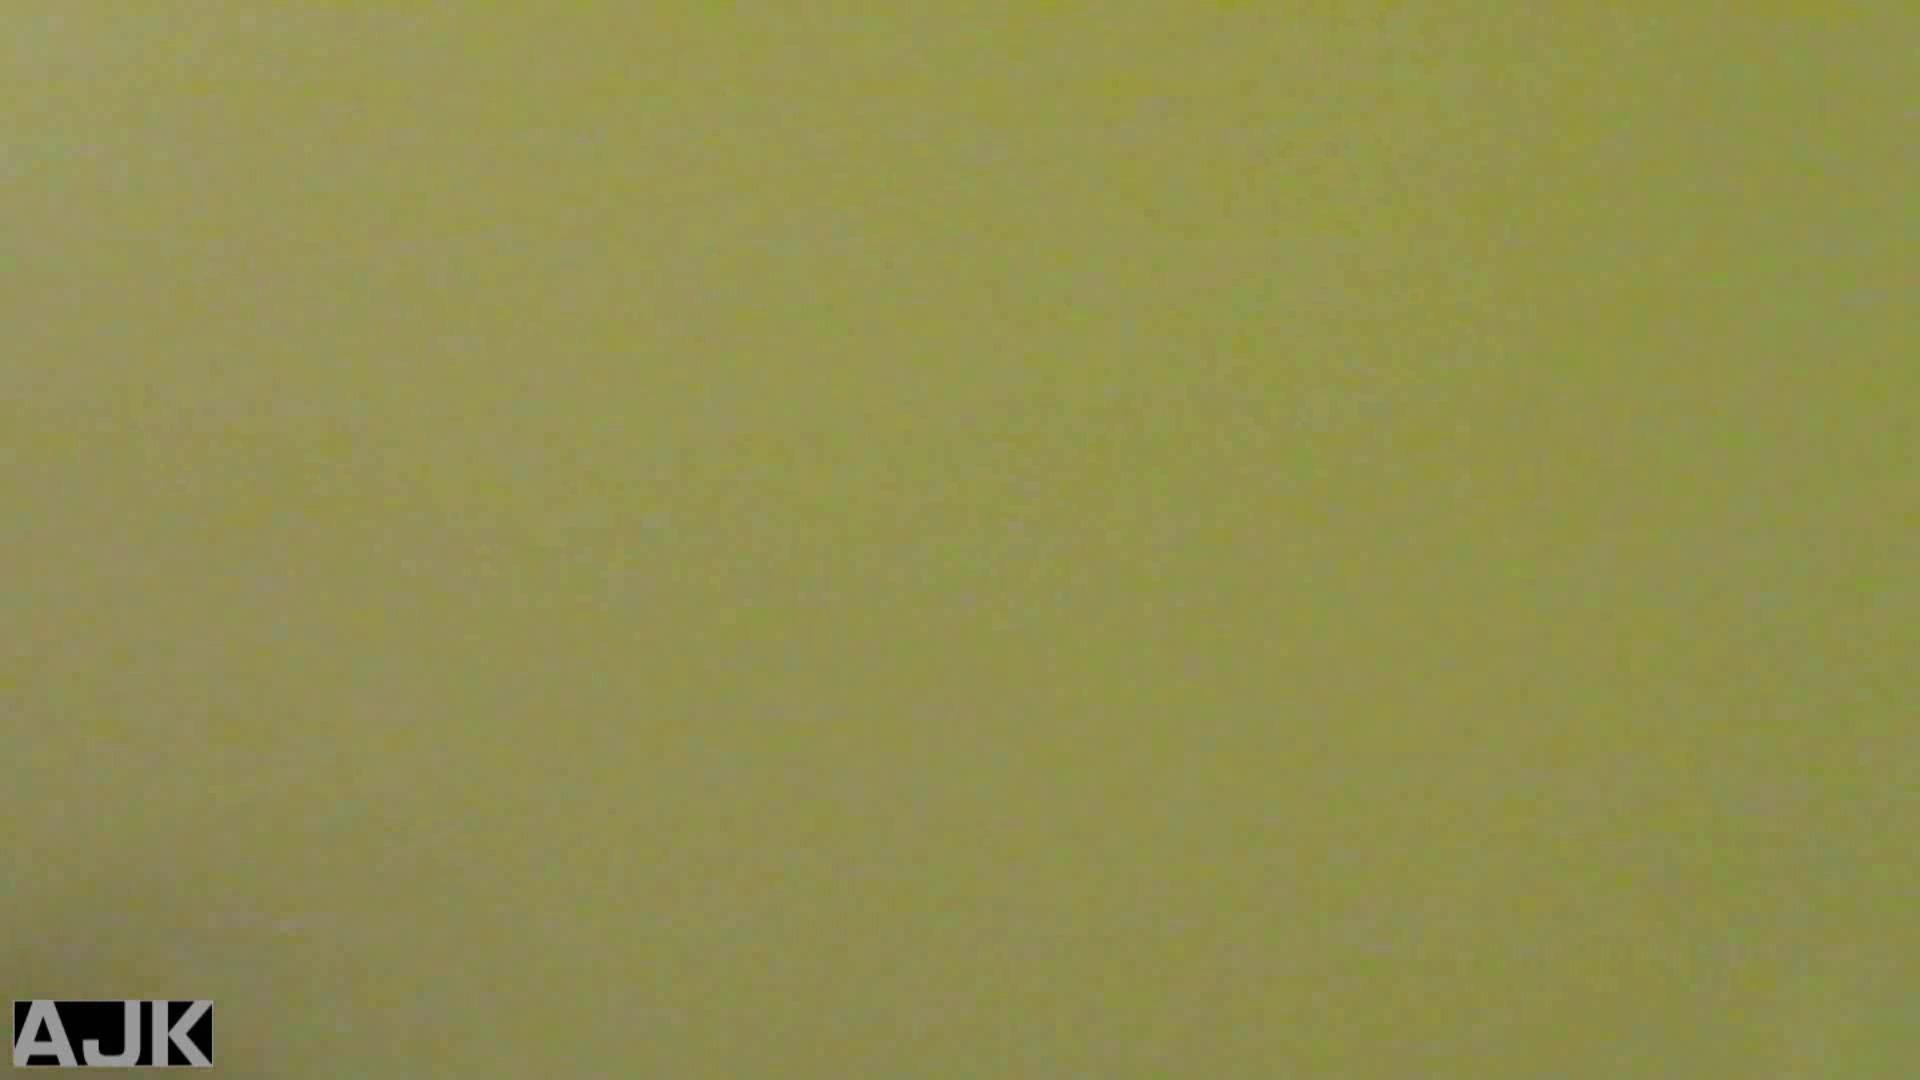 神降臨!史上最強の潜入かわや! vol.03 いやらしいOL 盗撮画像 77連発 2